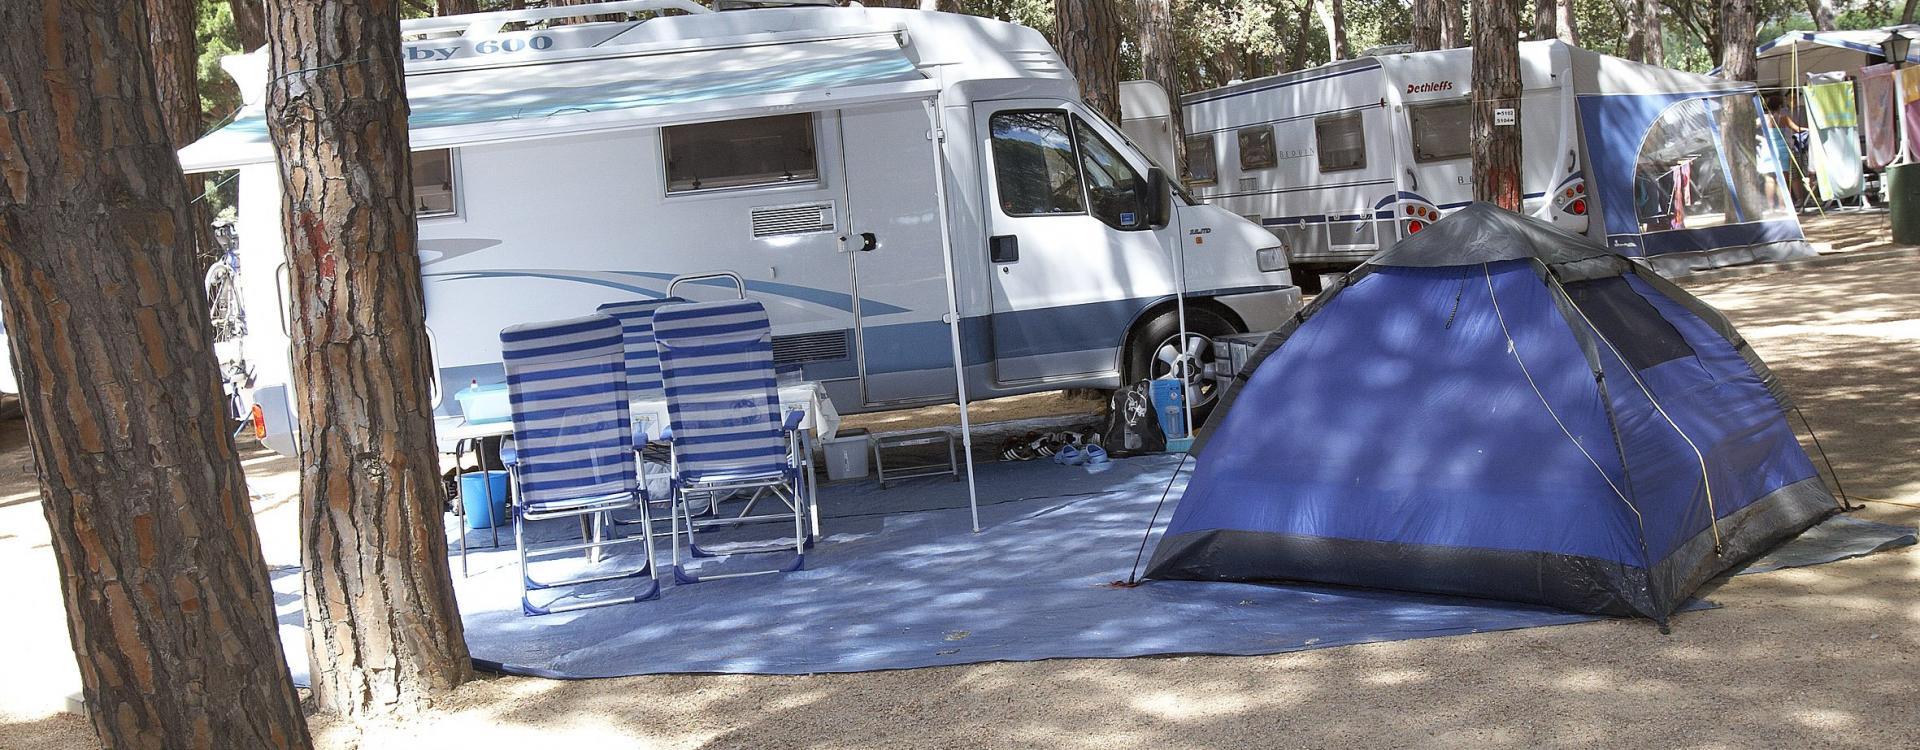 Caravana y tienda de campaña